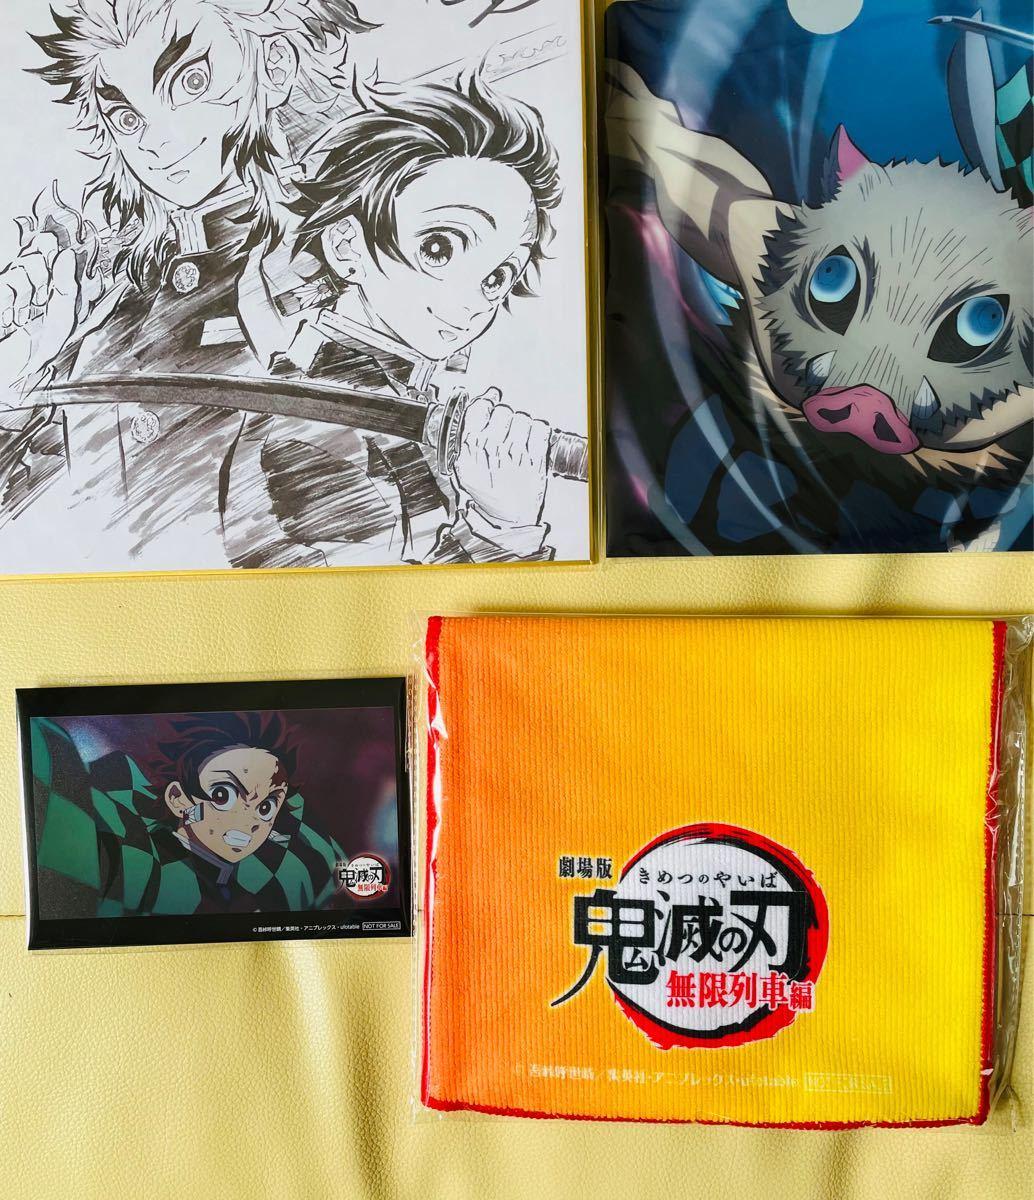 『劇場版「鬼滅の刃」無限列車編 DVD  Amazom限定 完全生産限定版